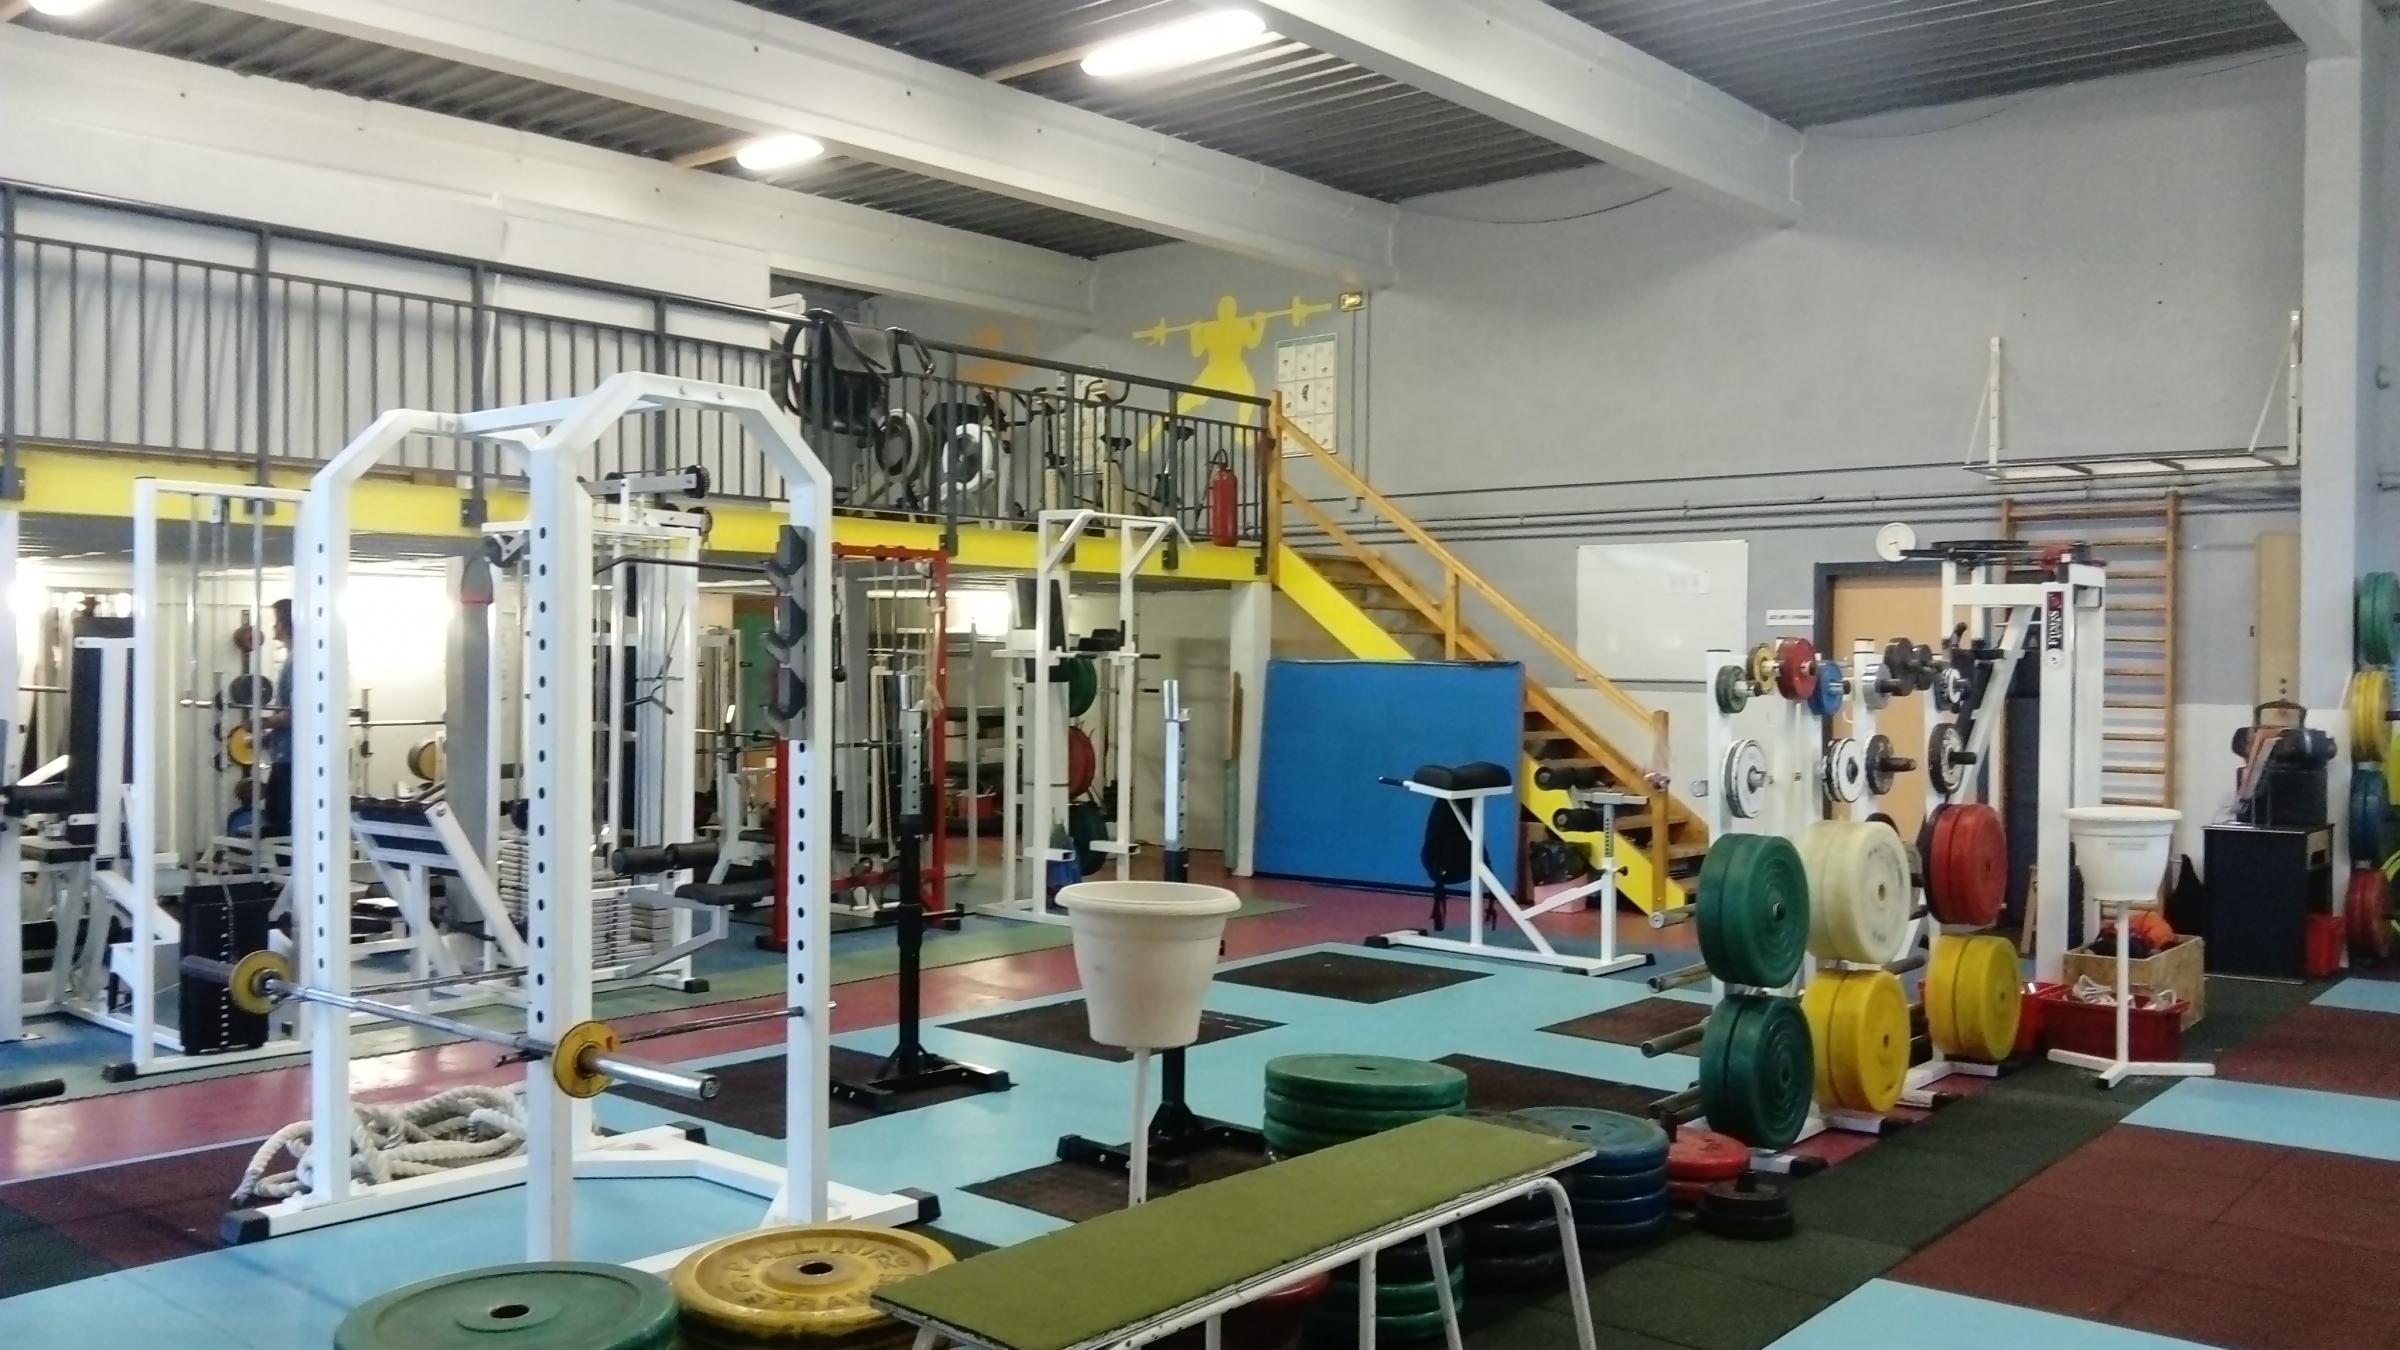 Souvent VAC | Salle de Sport Musculation Haltérophilie Fitness Vannes LR88